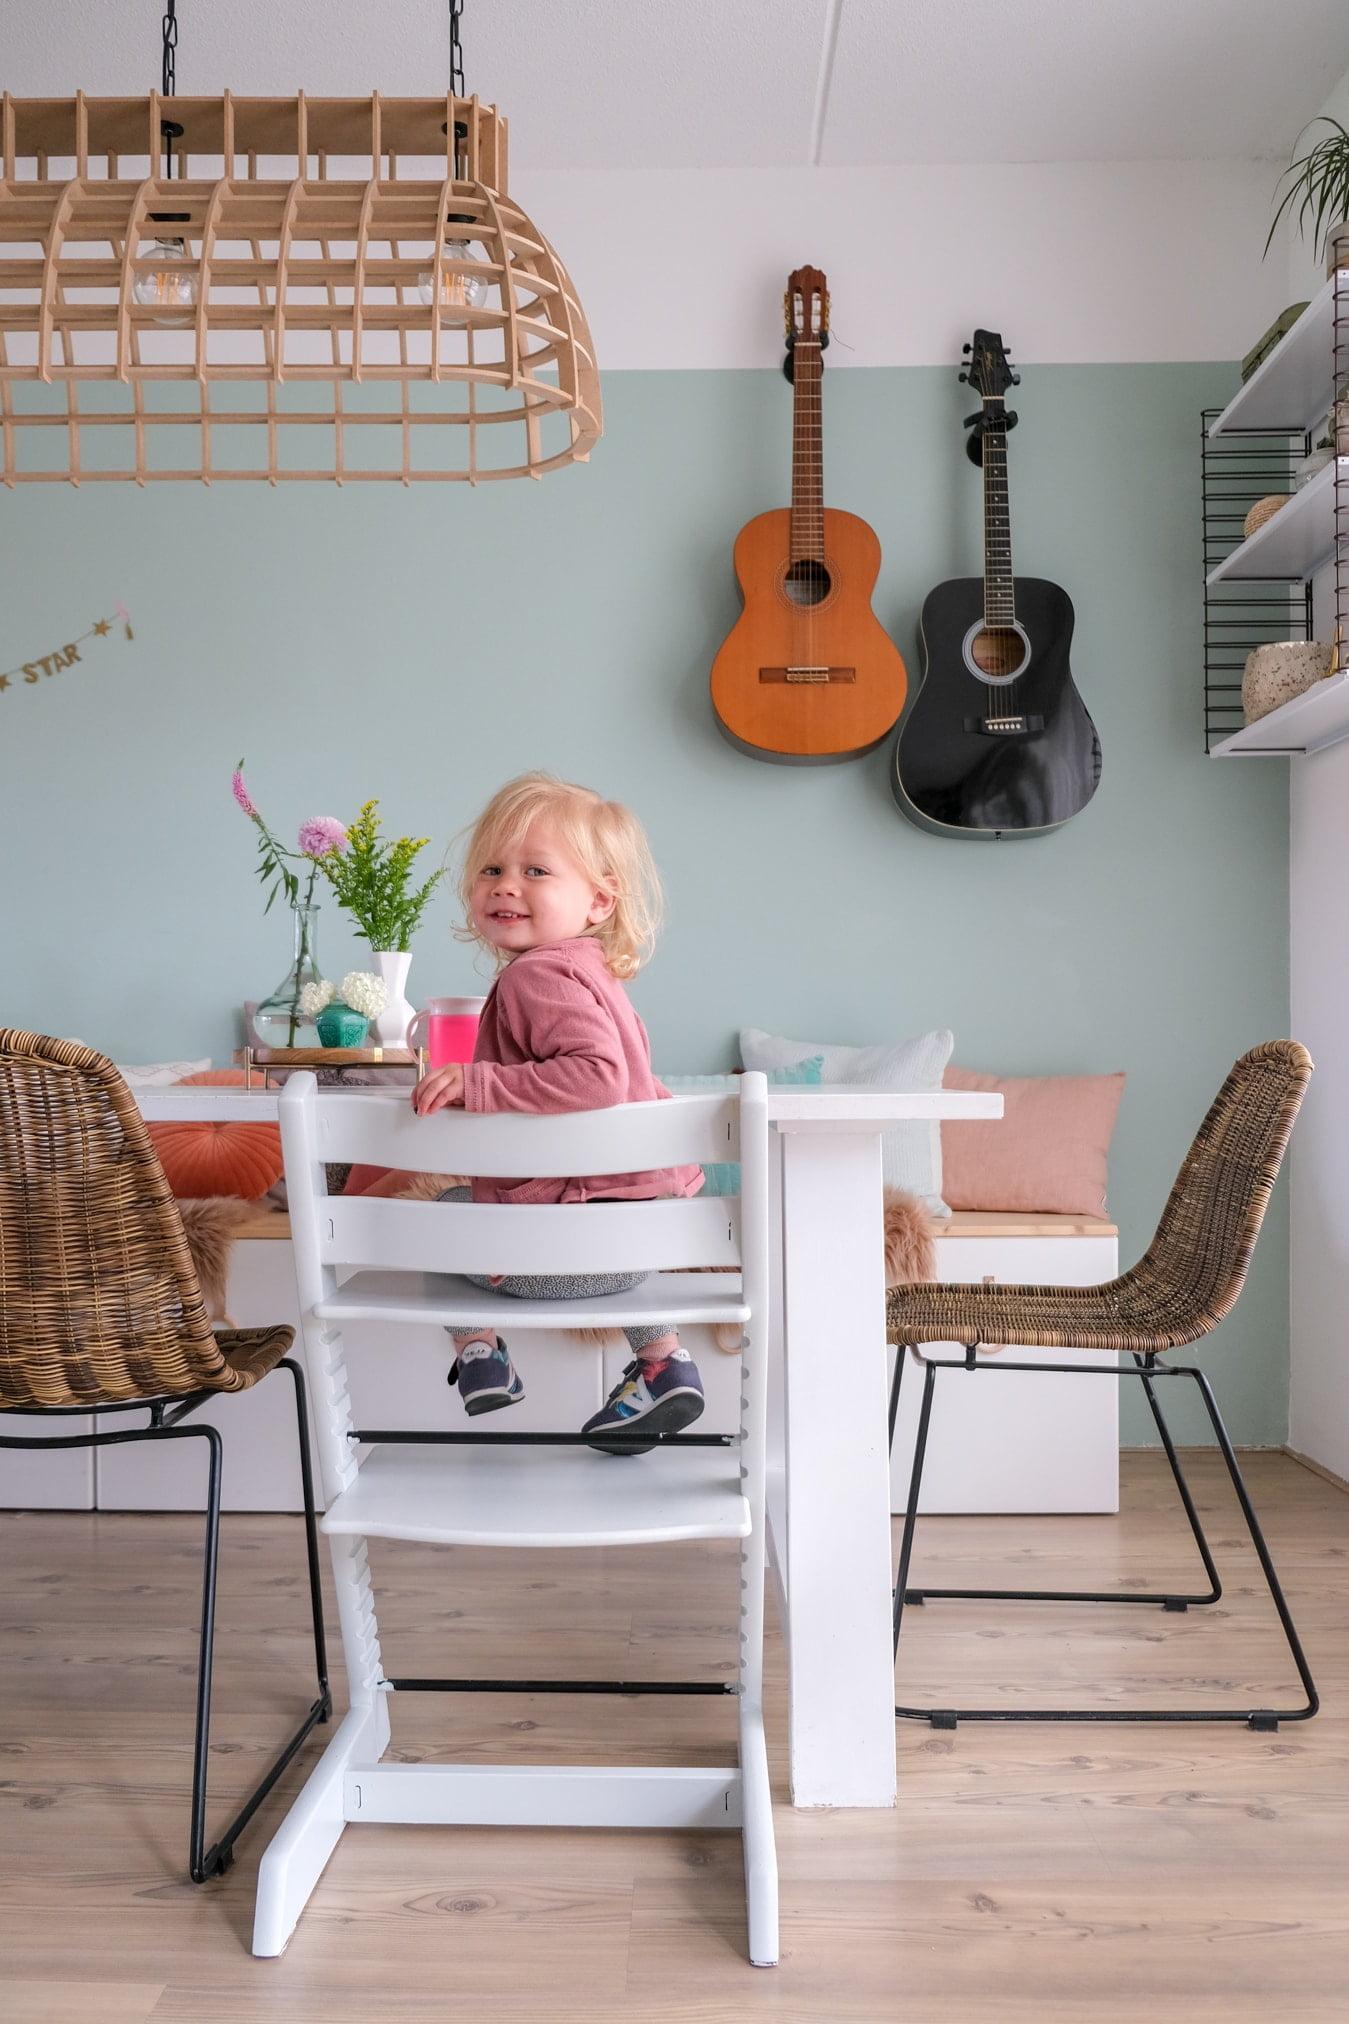 stokke stoel verven met flexa mooi makkelijk verf